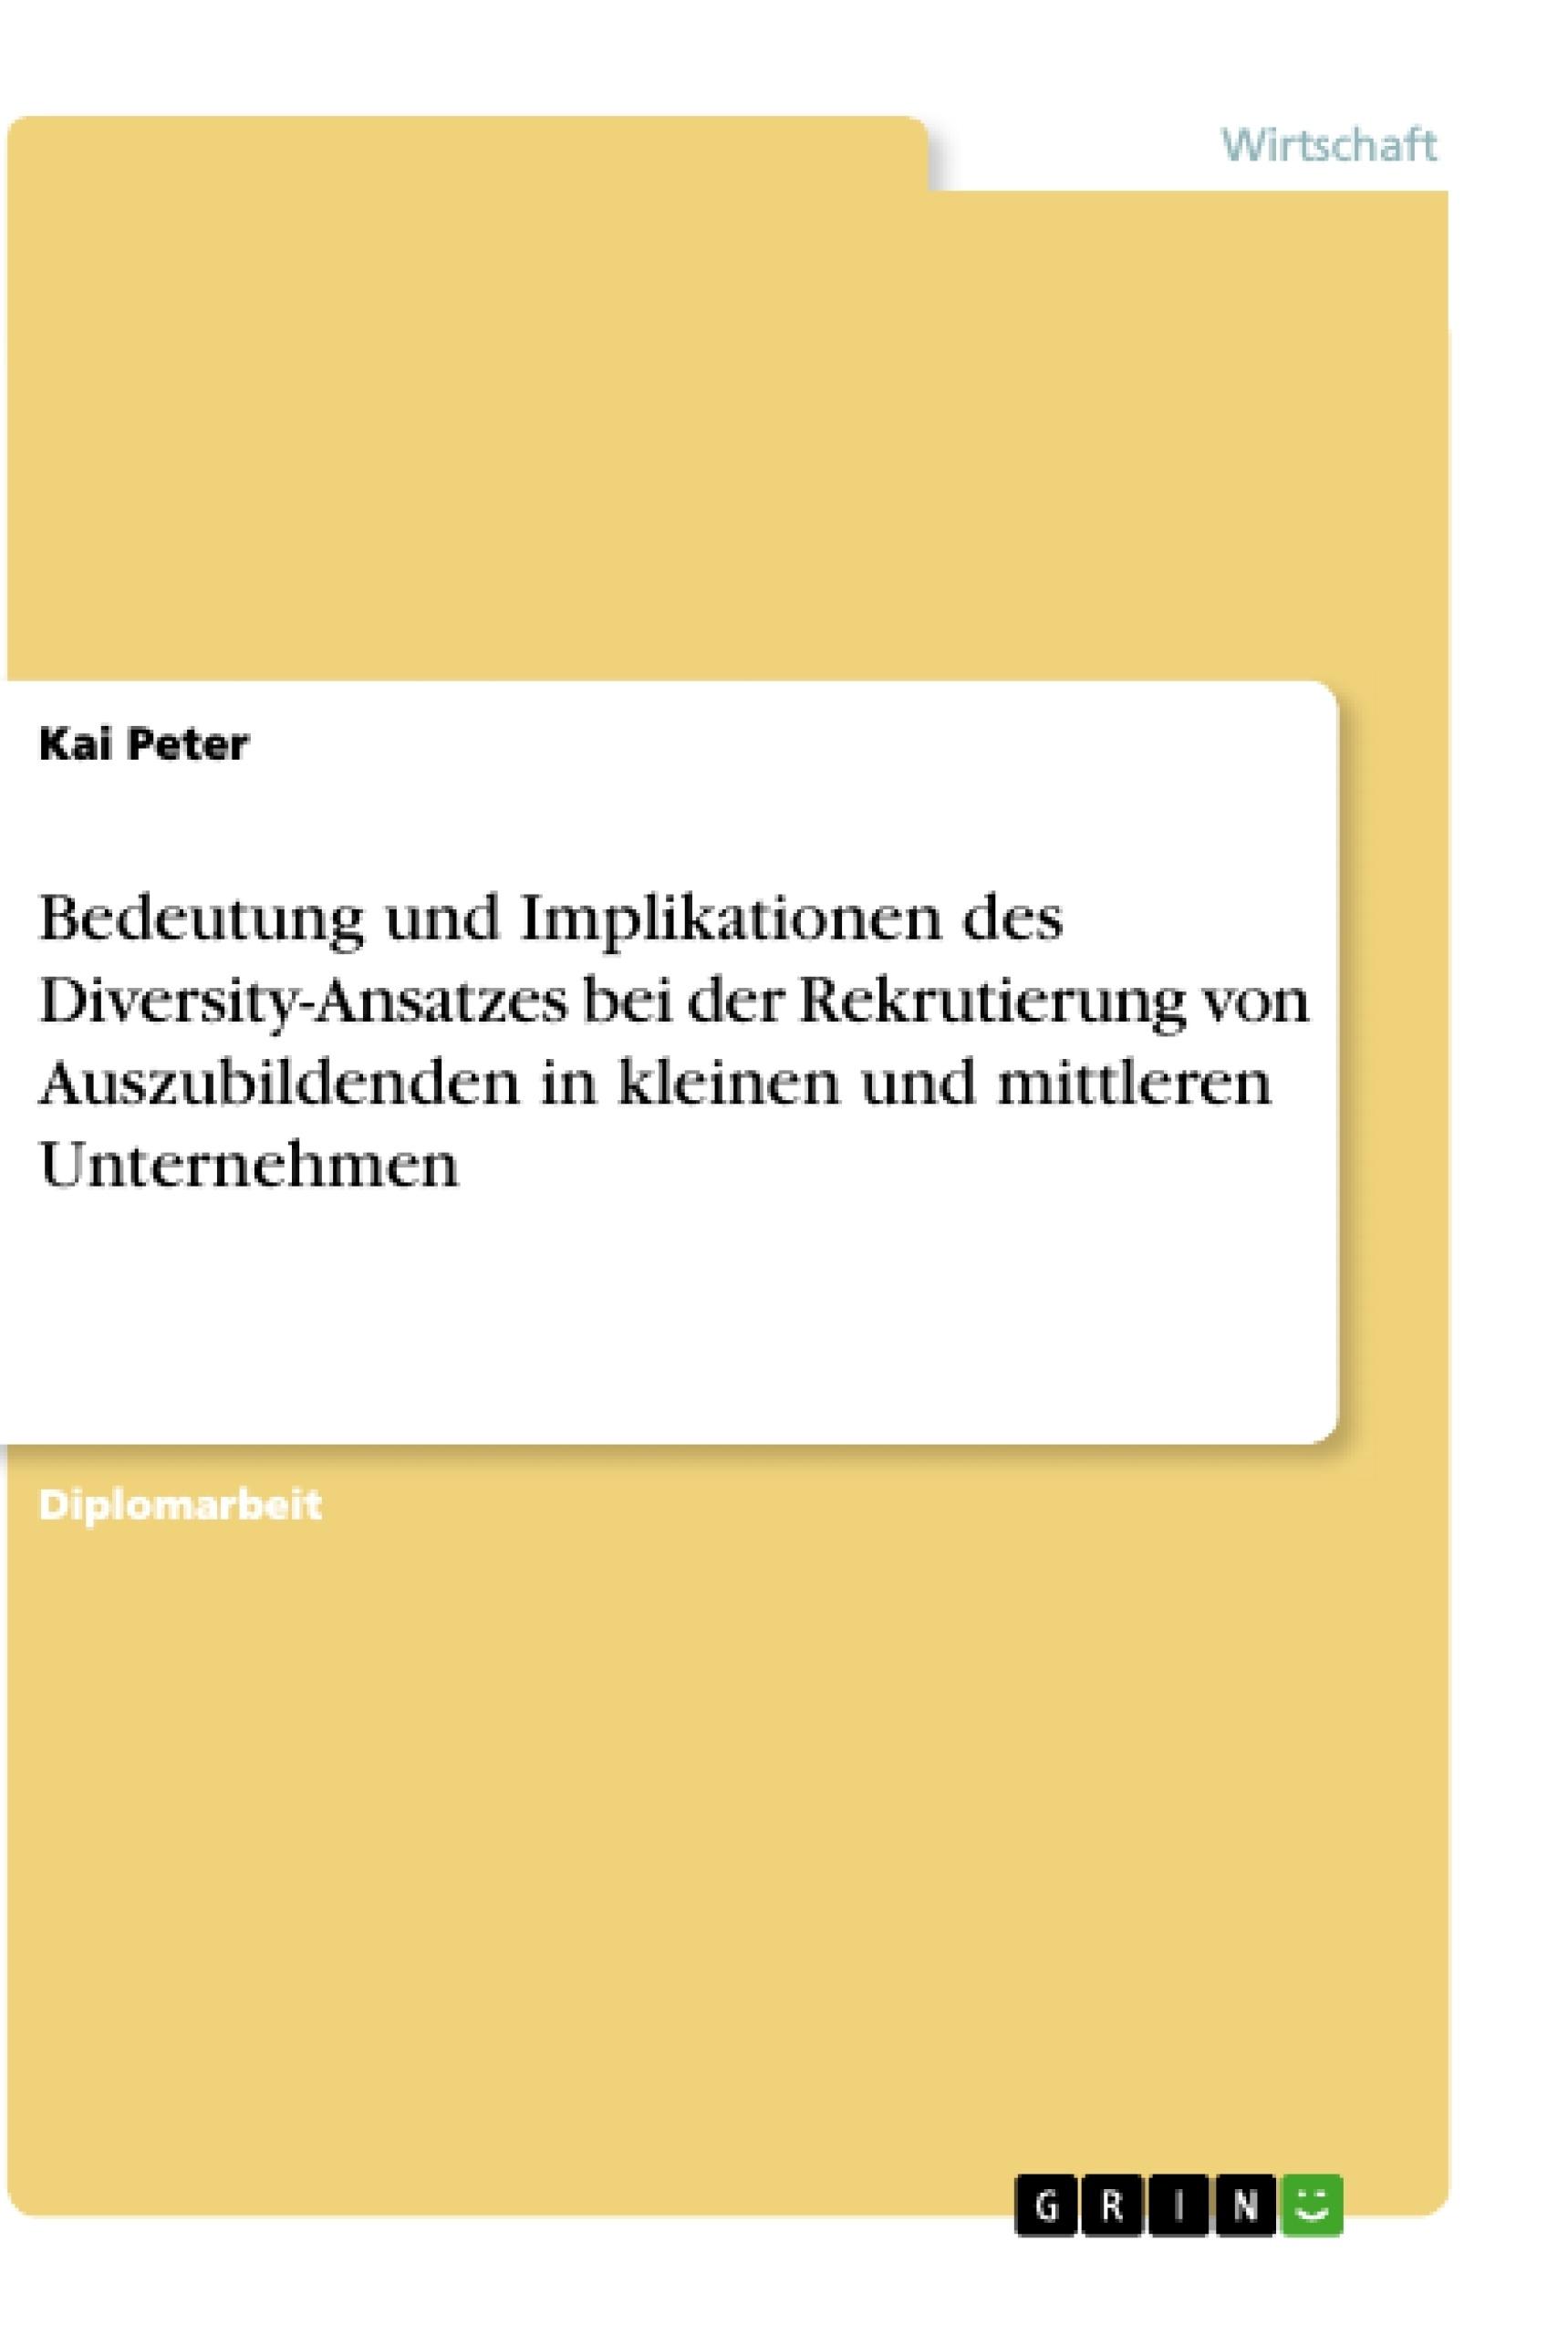 Titel: Bedeutung und Implikationen des Diversity-Ansatzes bei der Rekrutierung von Auszubildenden in kleinen und mittleren Unternehmen